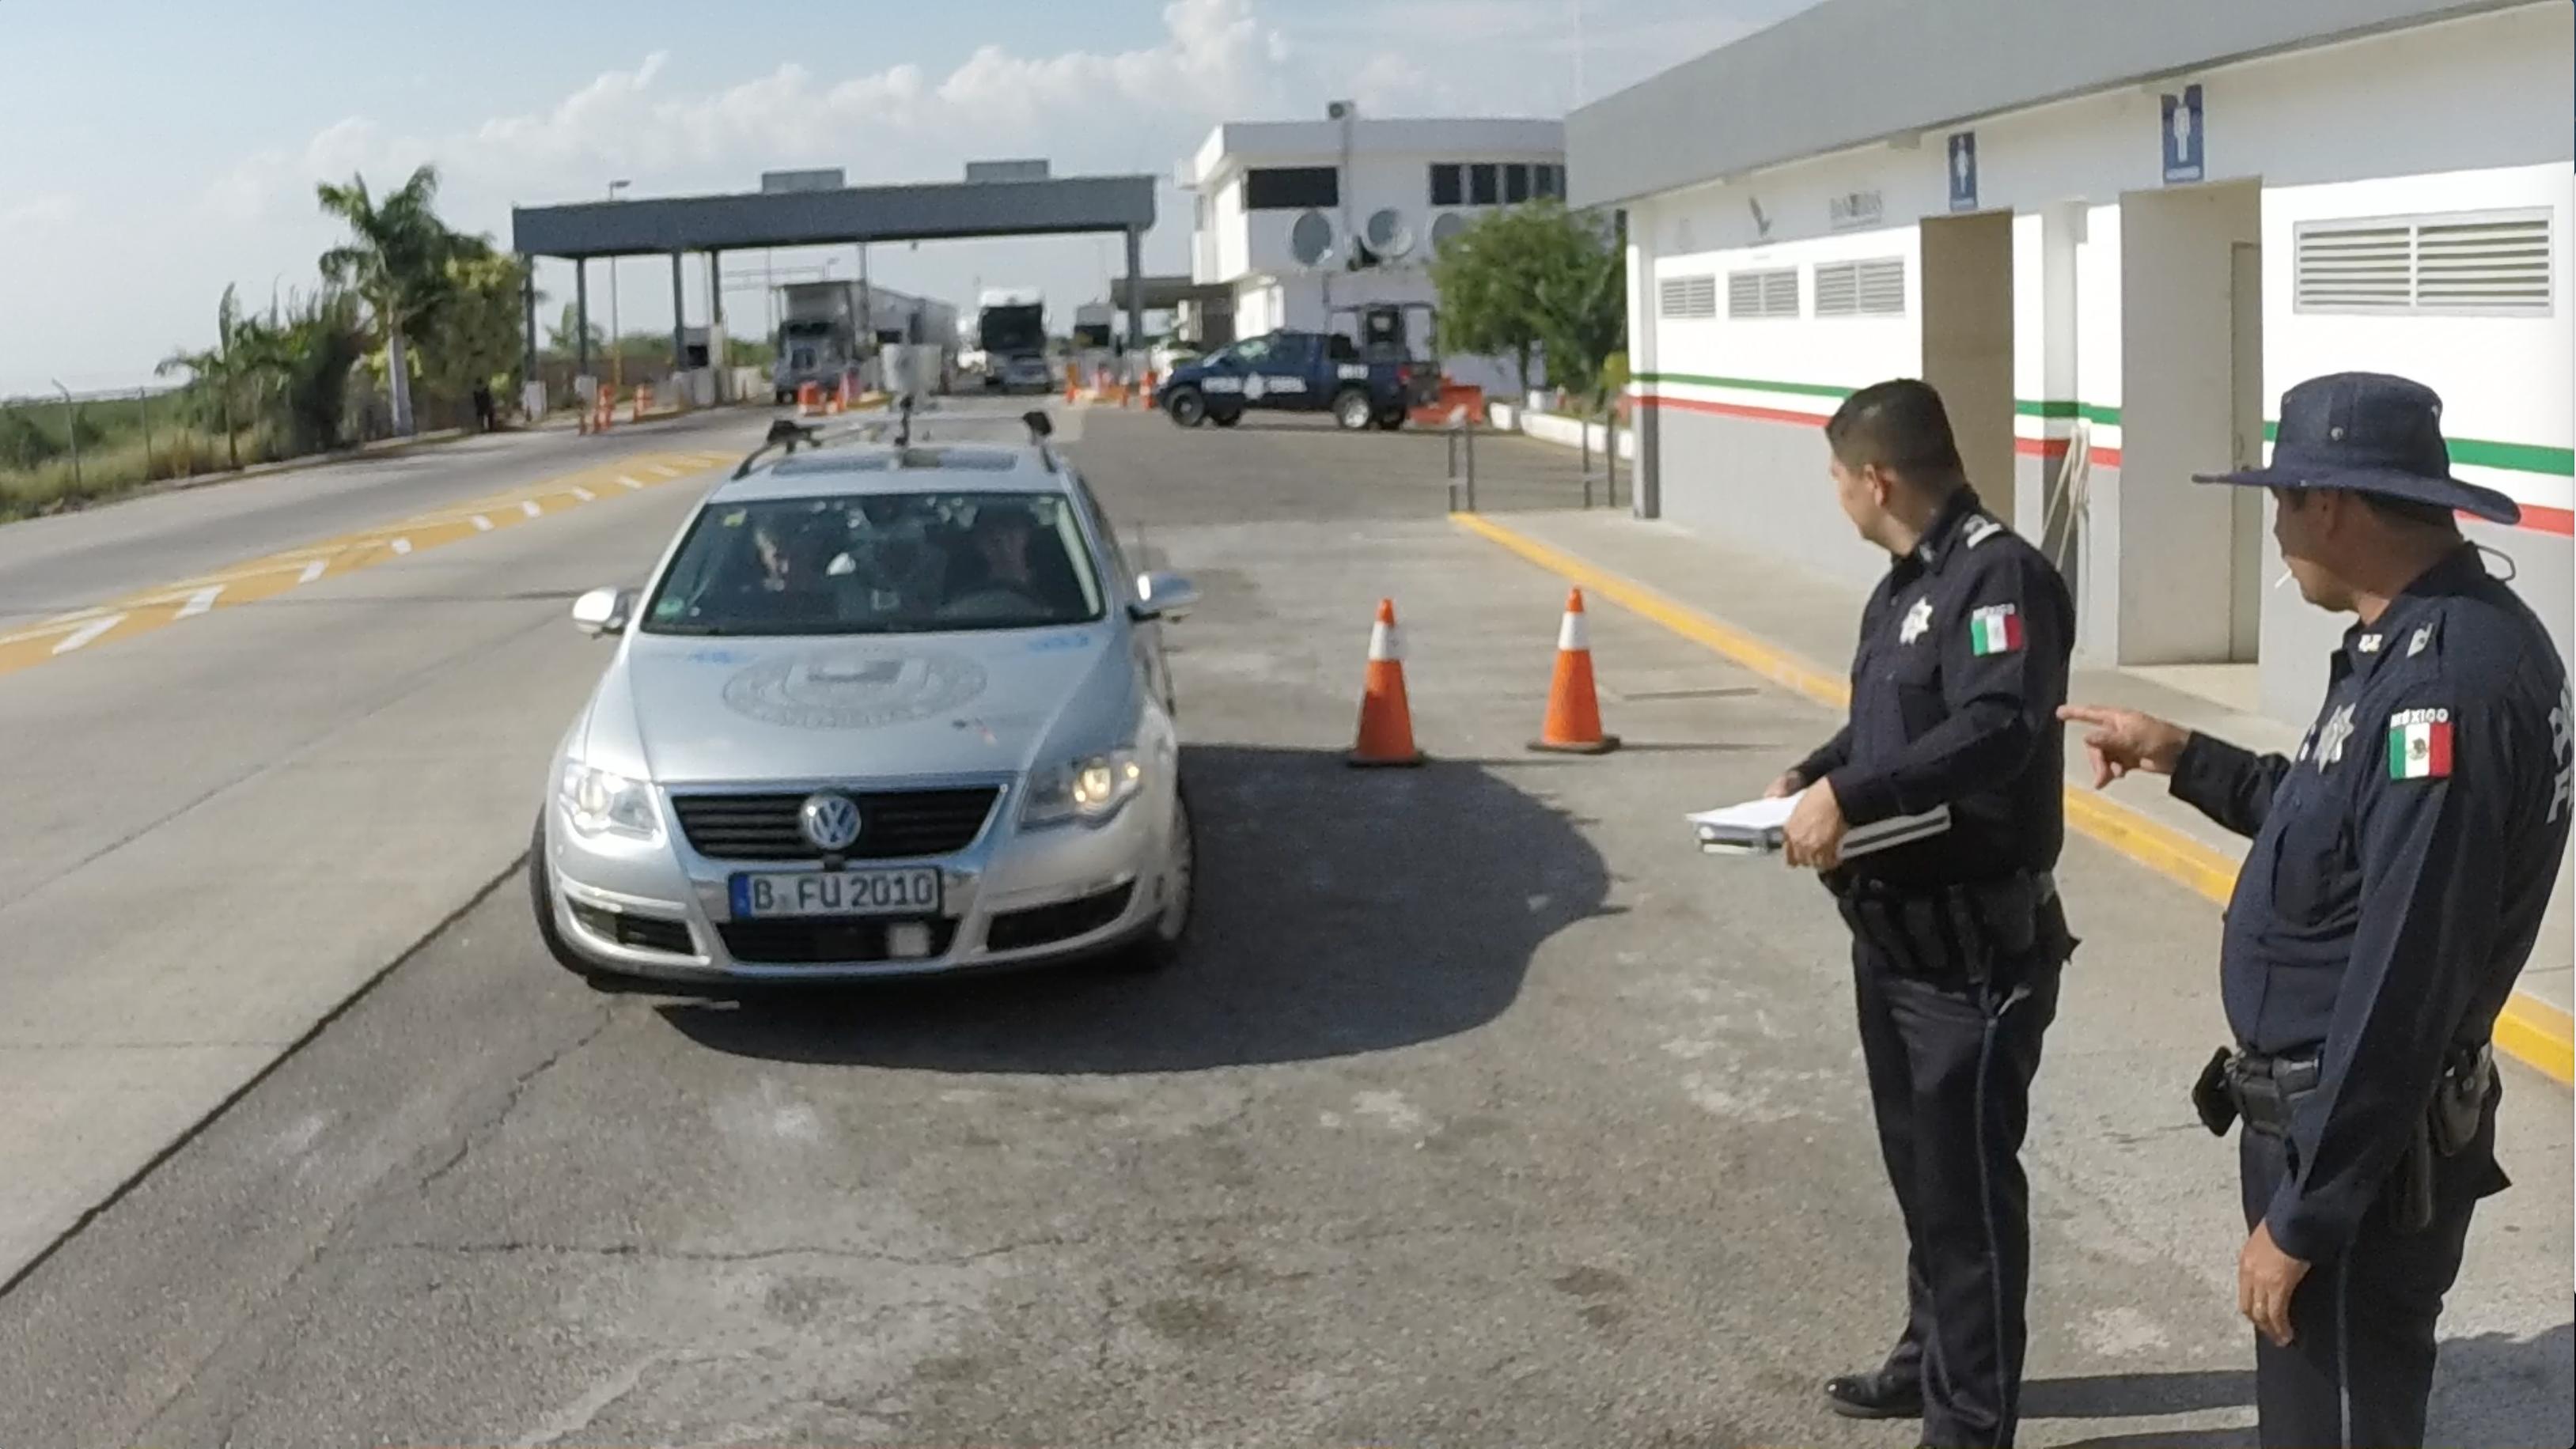 Policia and Autonomos